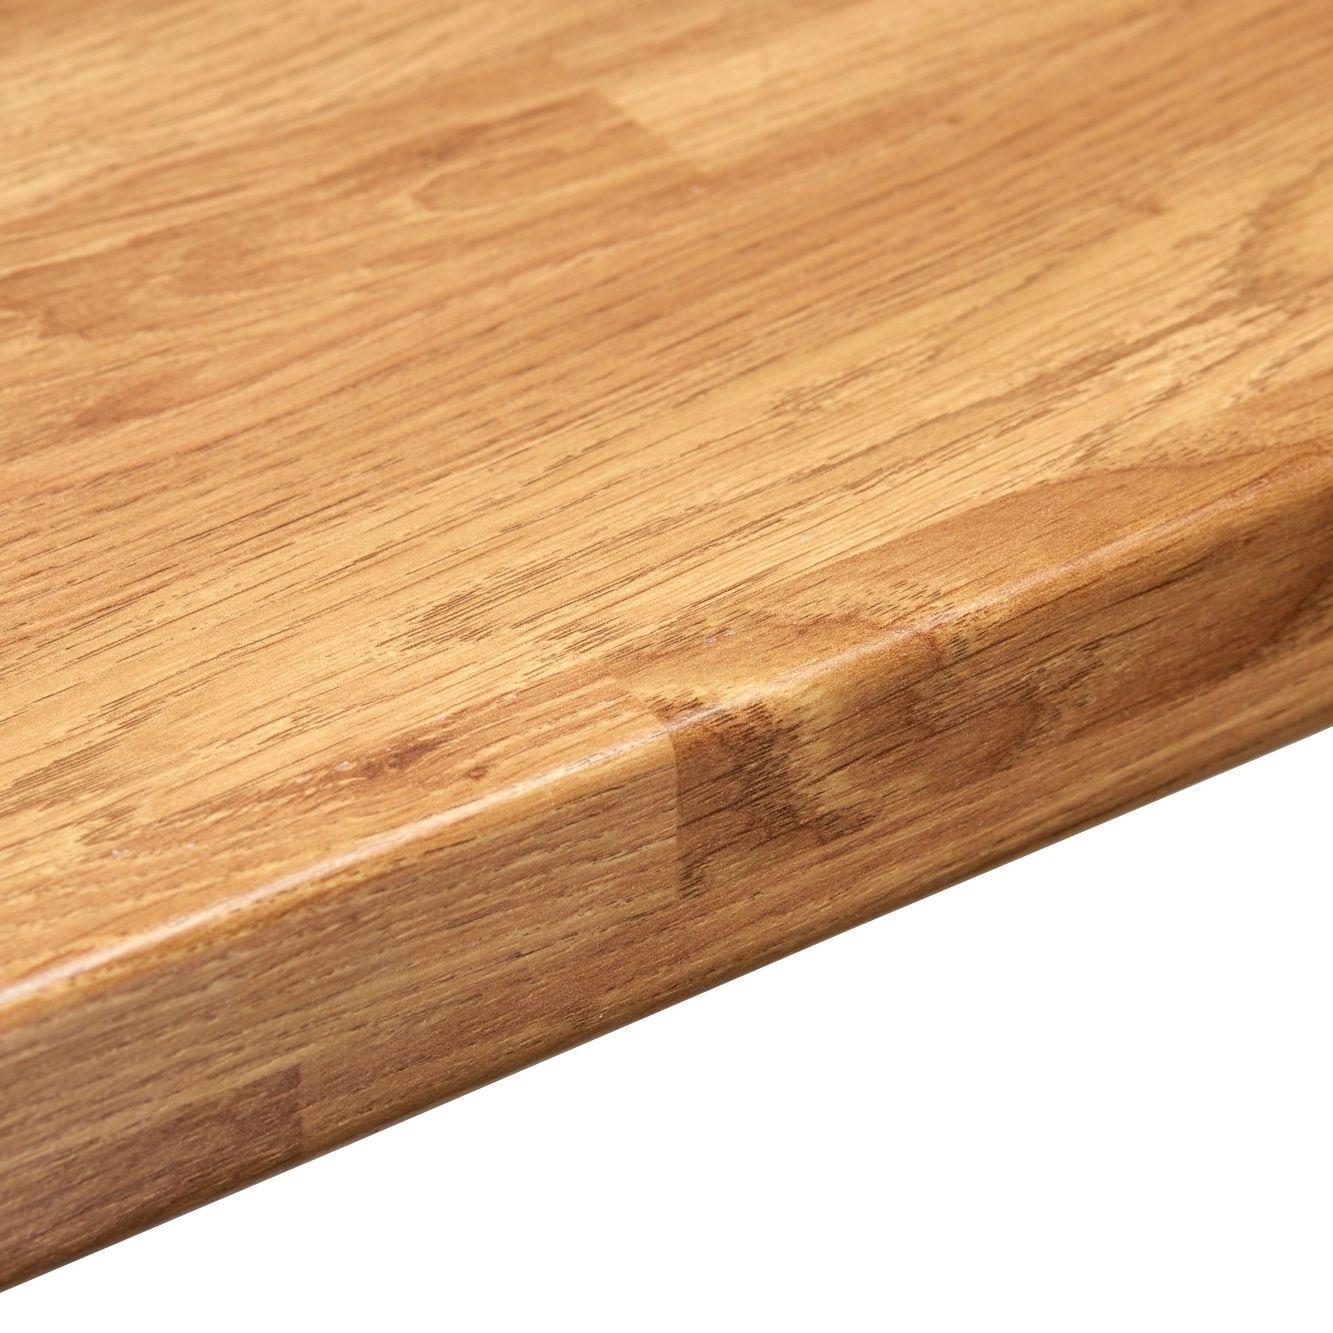 38mm Colmar Oak Wood Effect Round Edge Laminate Breakfast